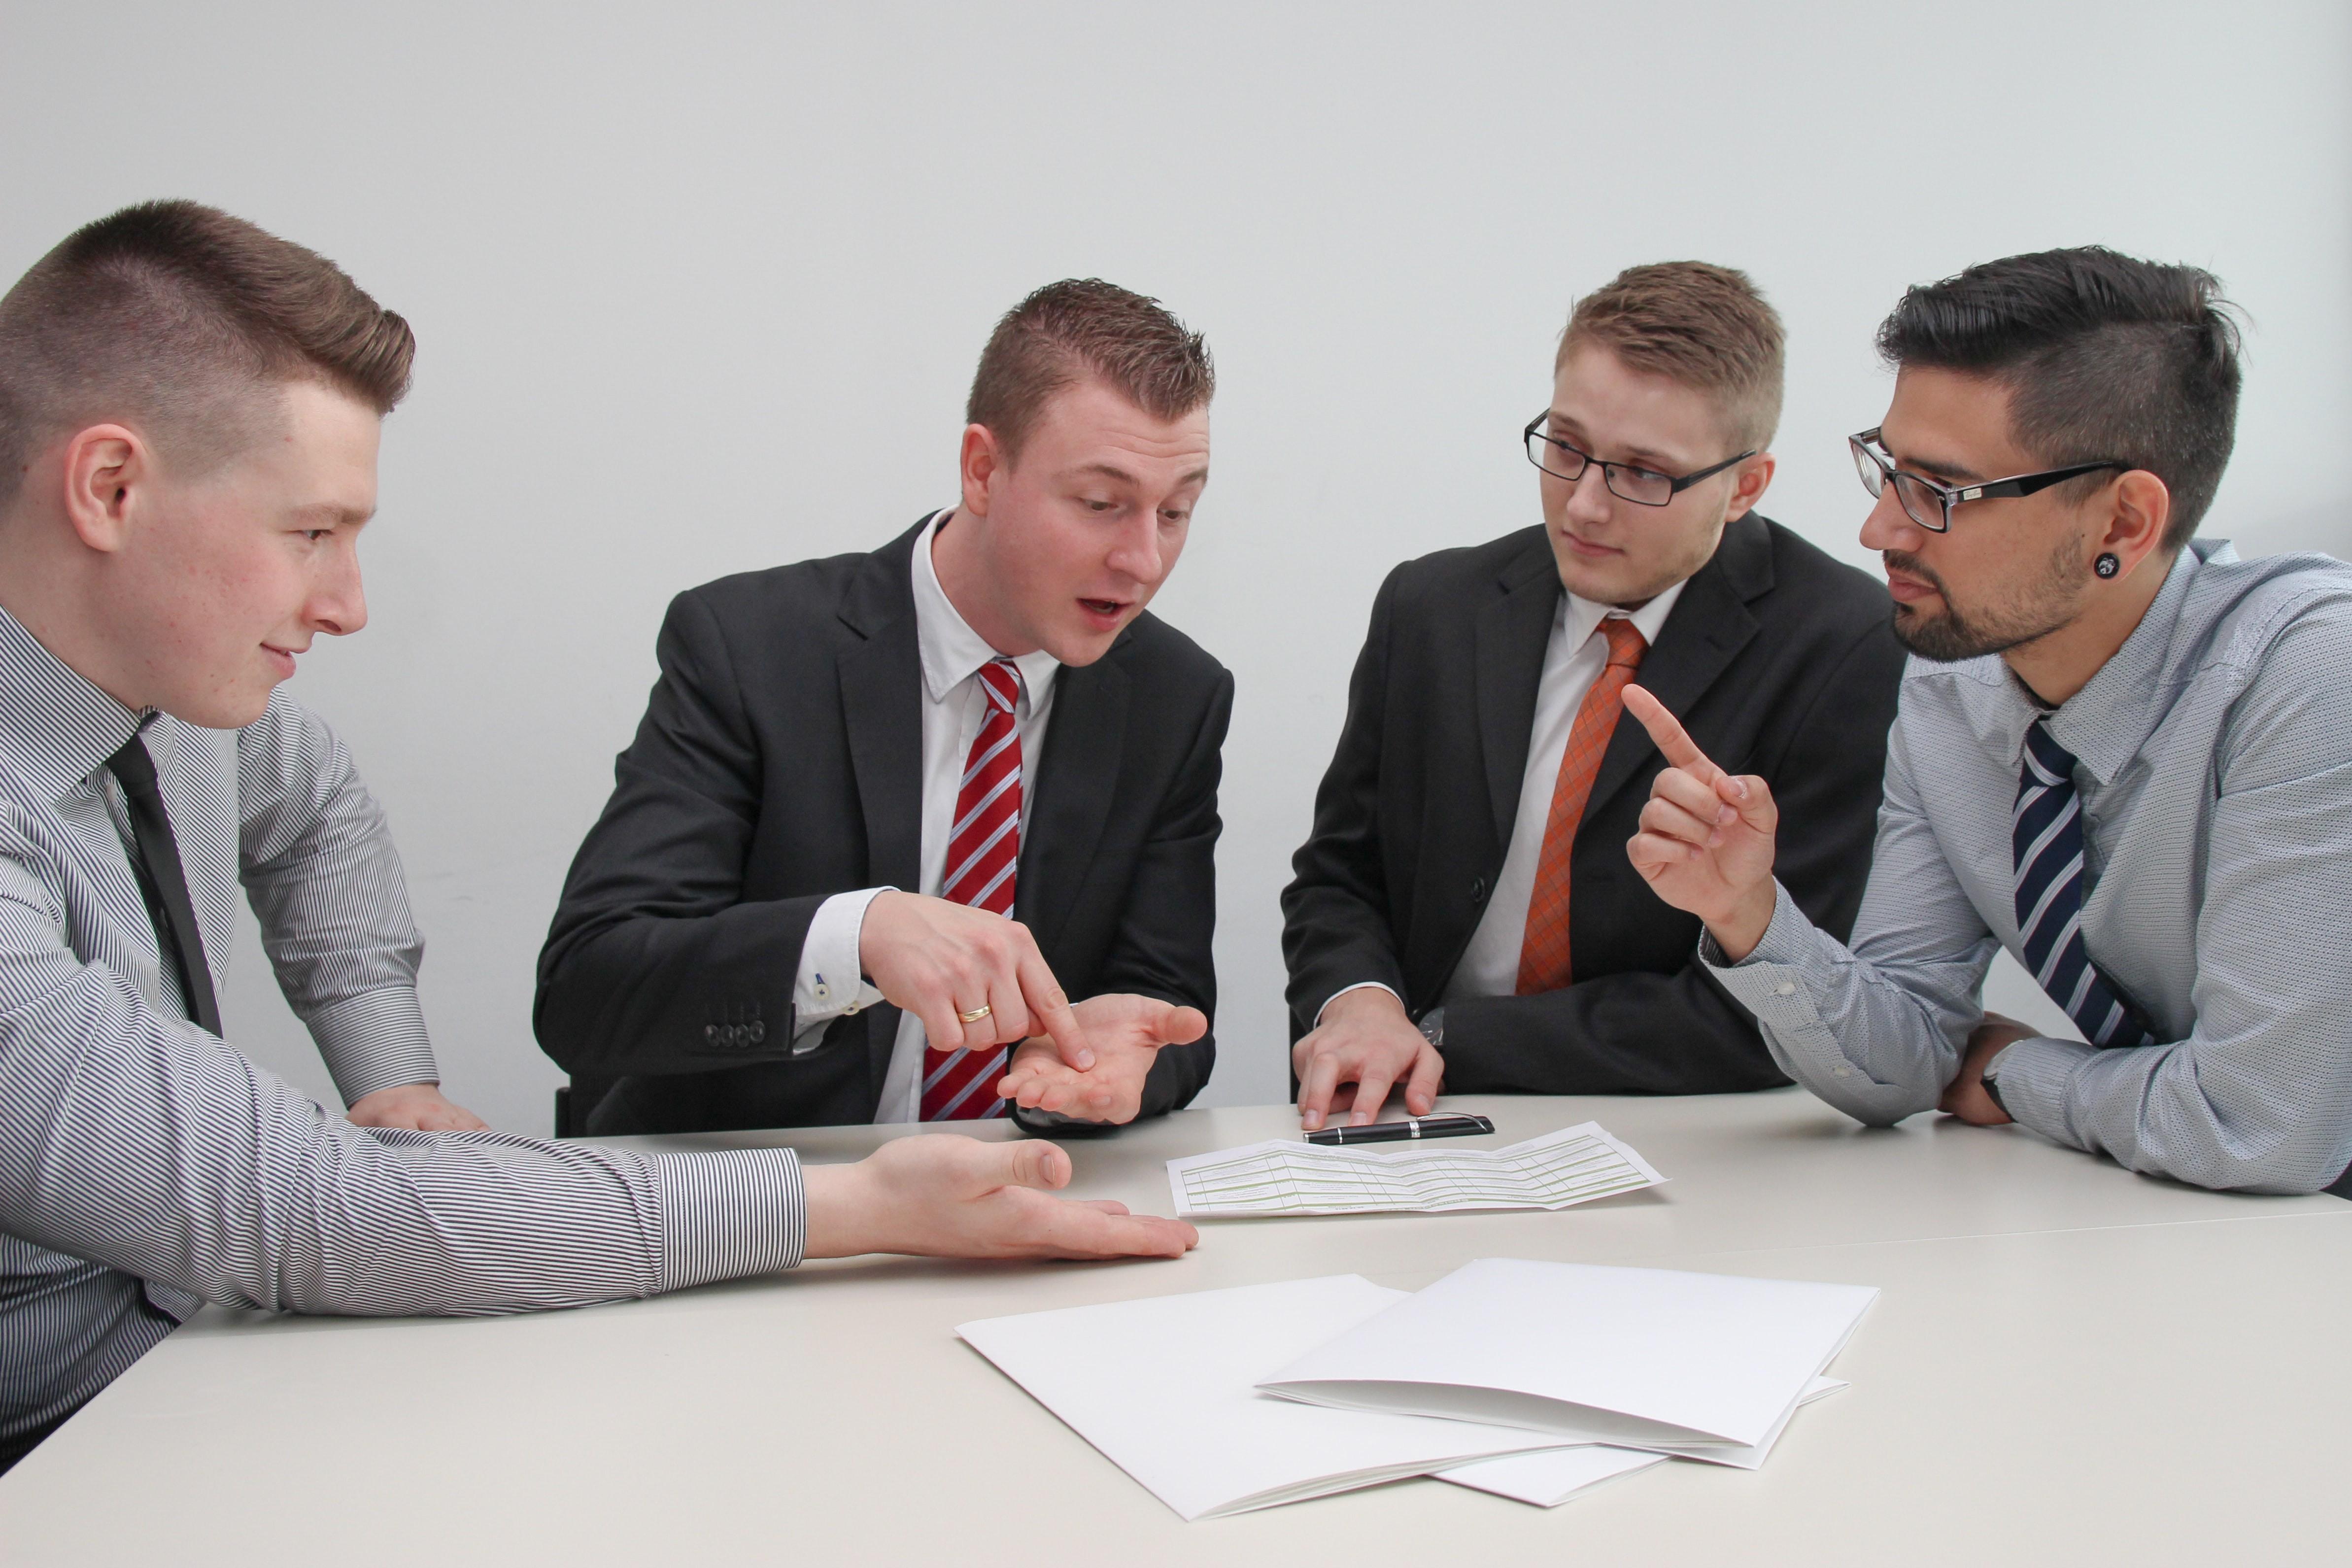 أهم مهارات وأساليب التفاوض والإقناع